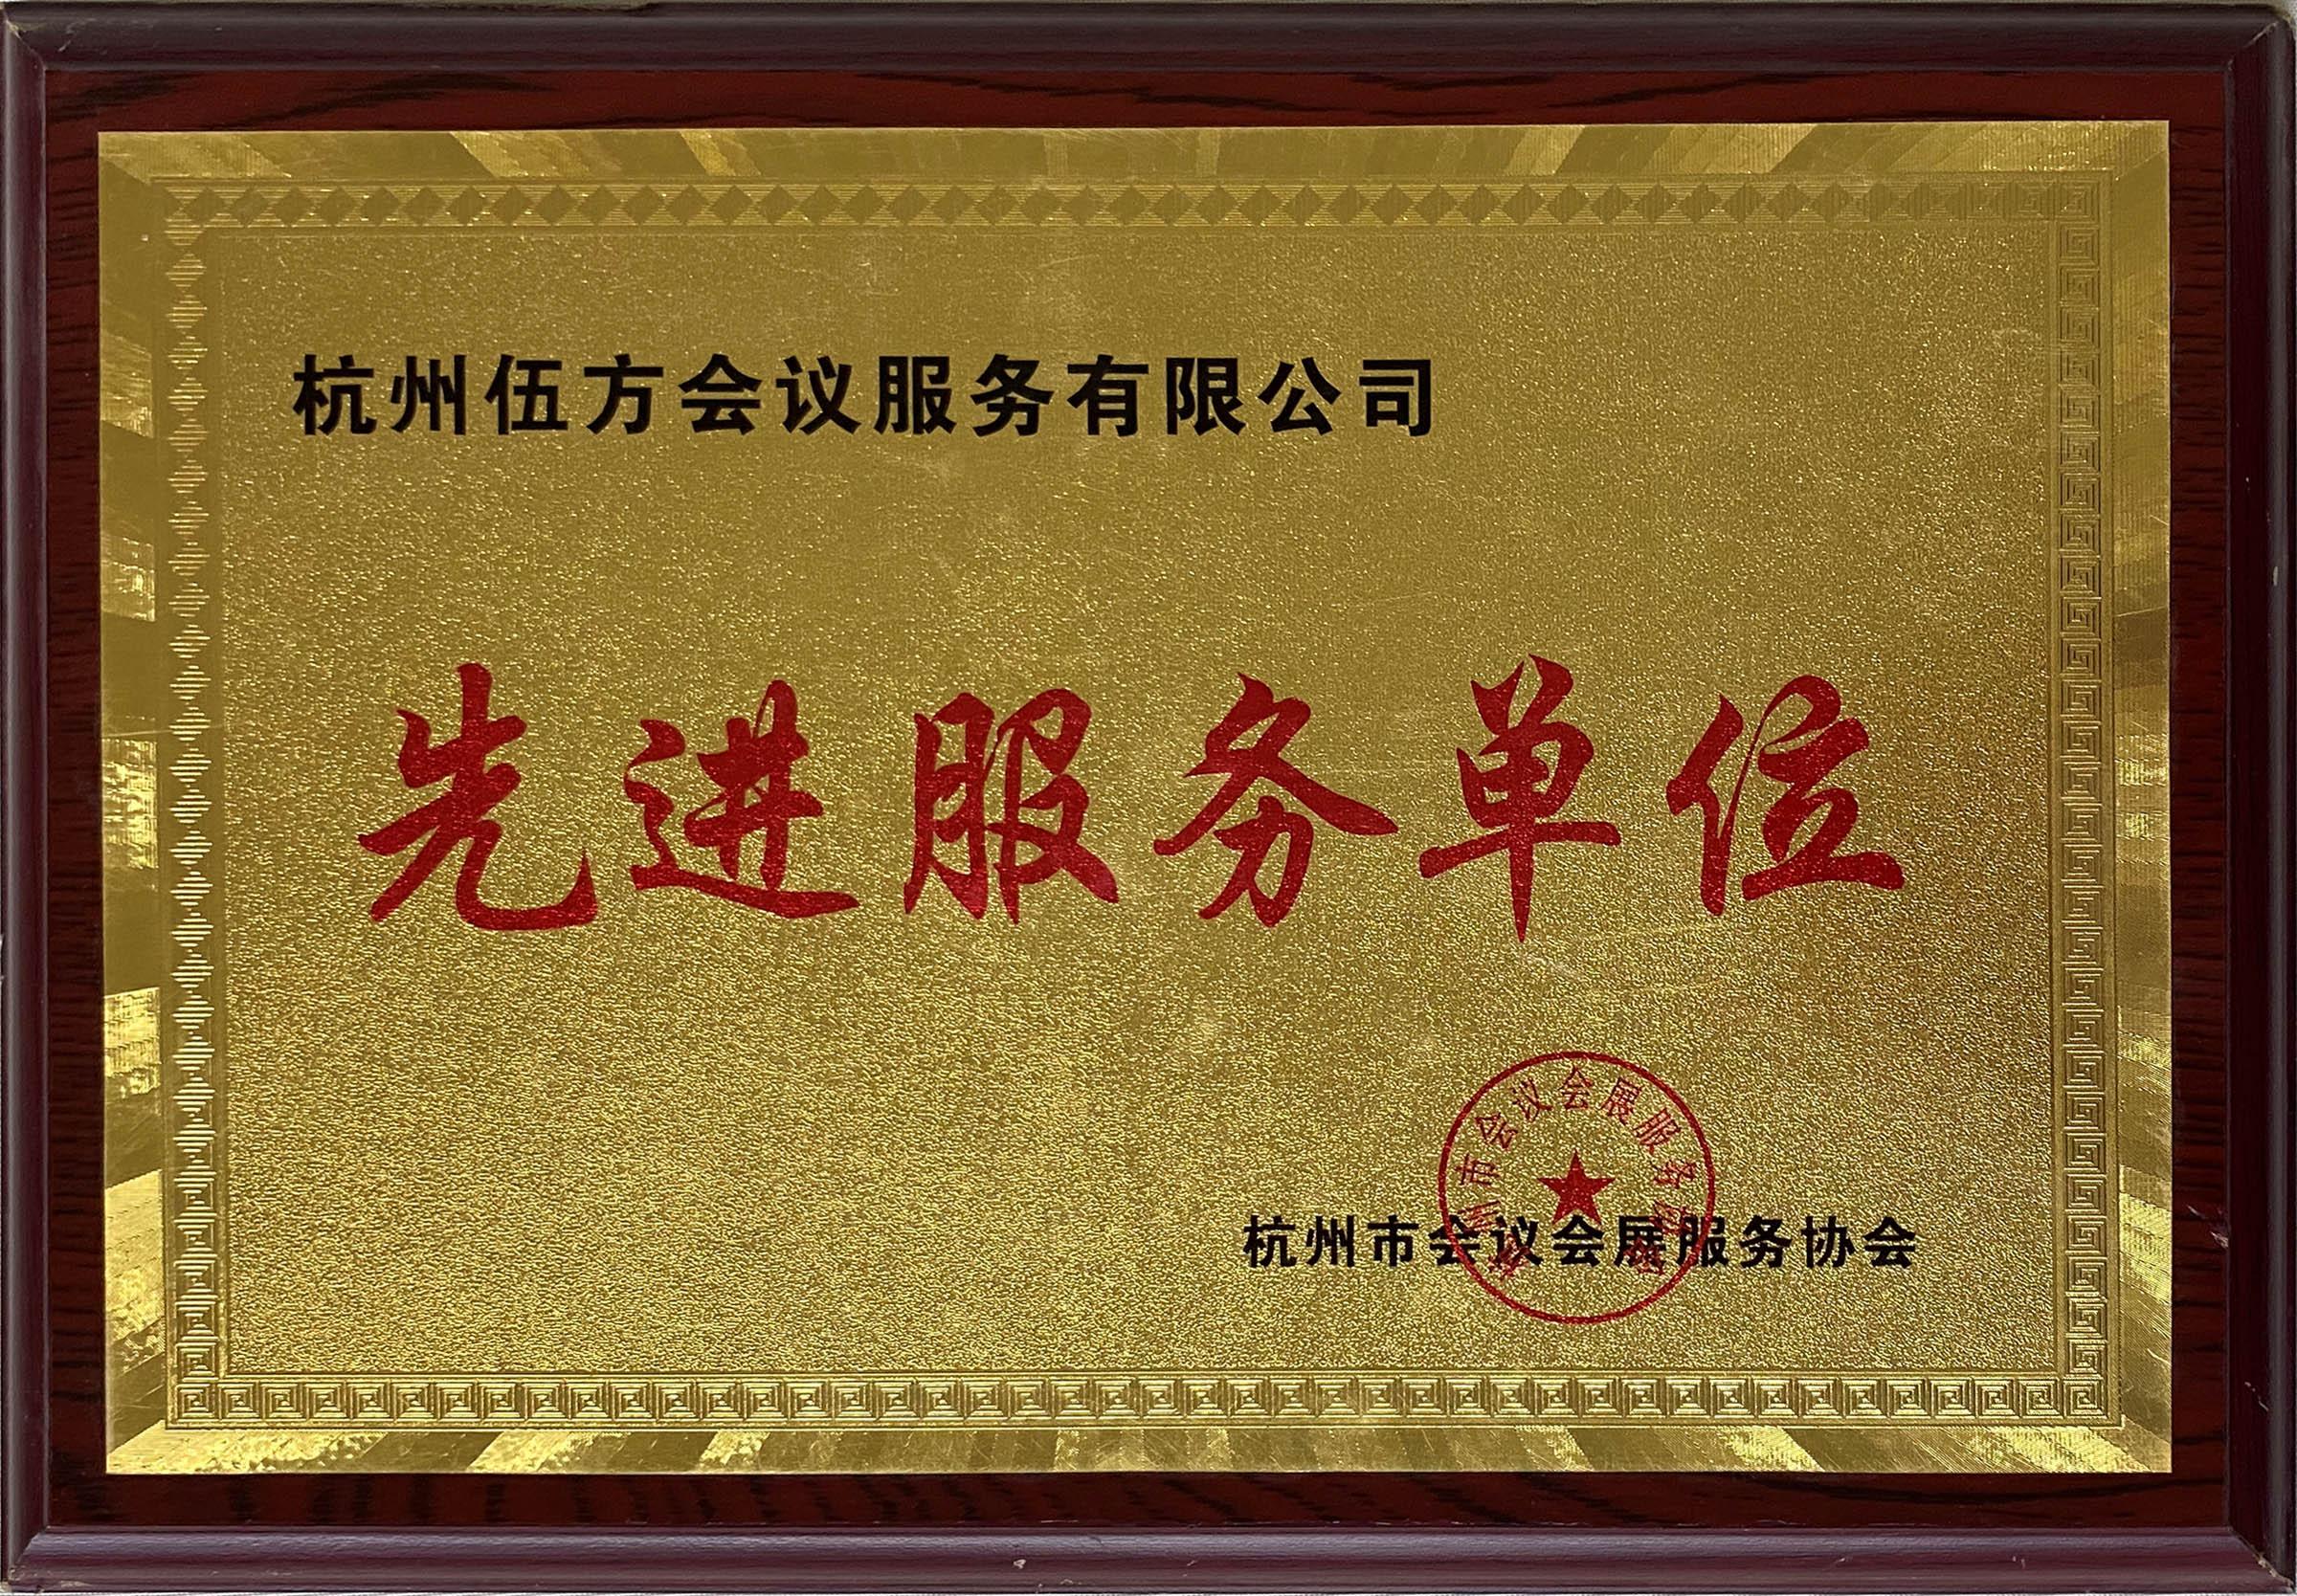 """杭州市会议会展服务协会为伍方颁发""""先进服务单位"""""""